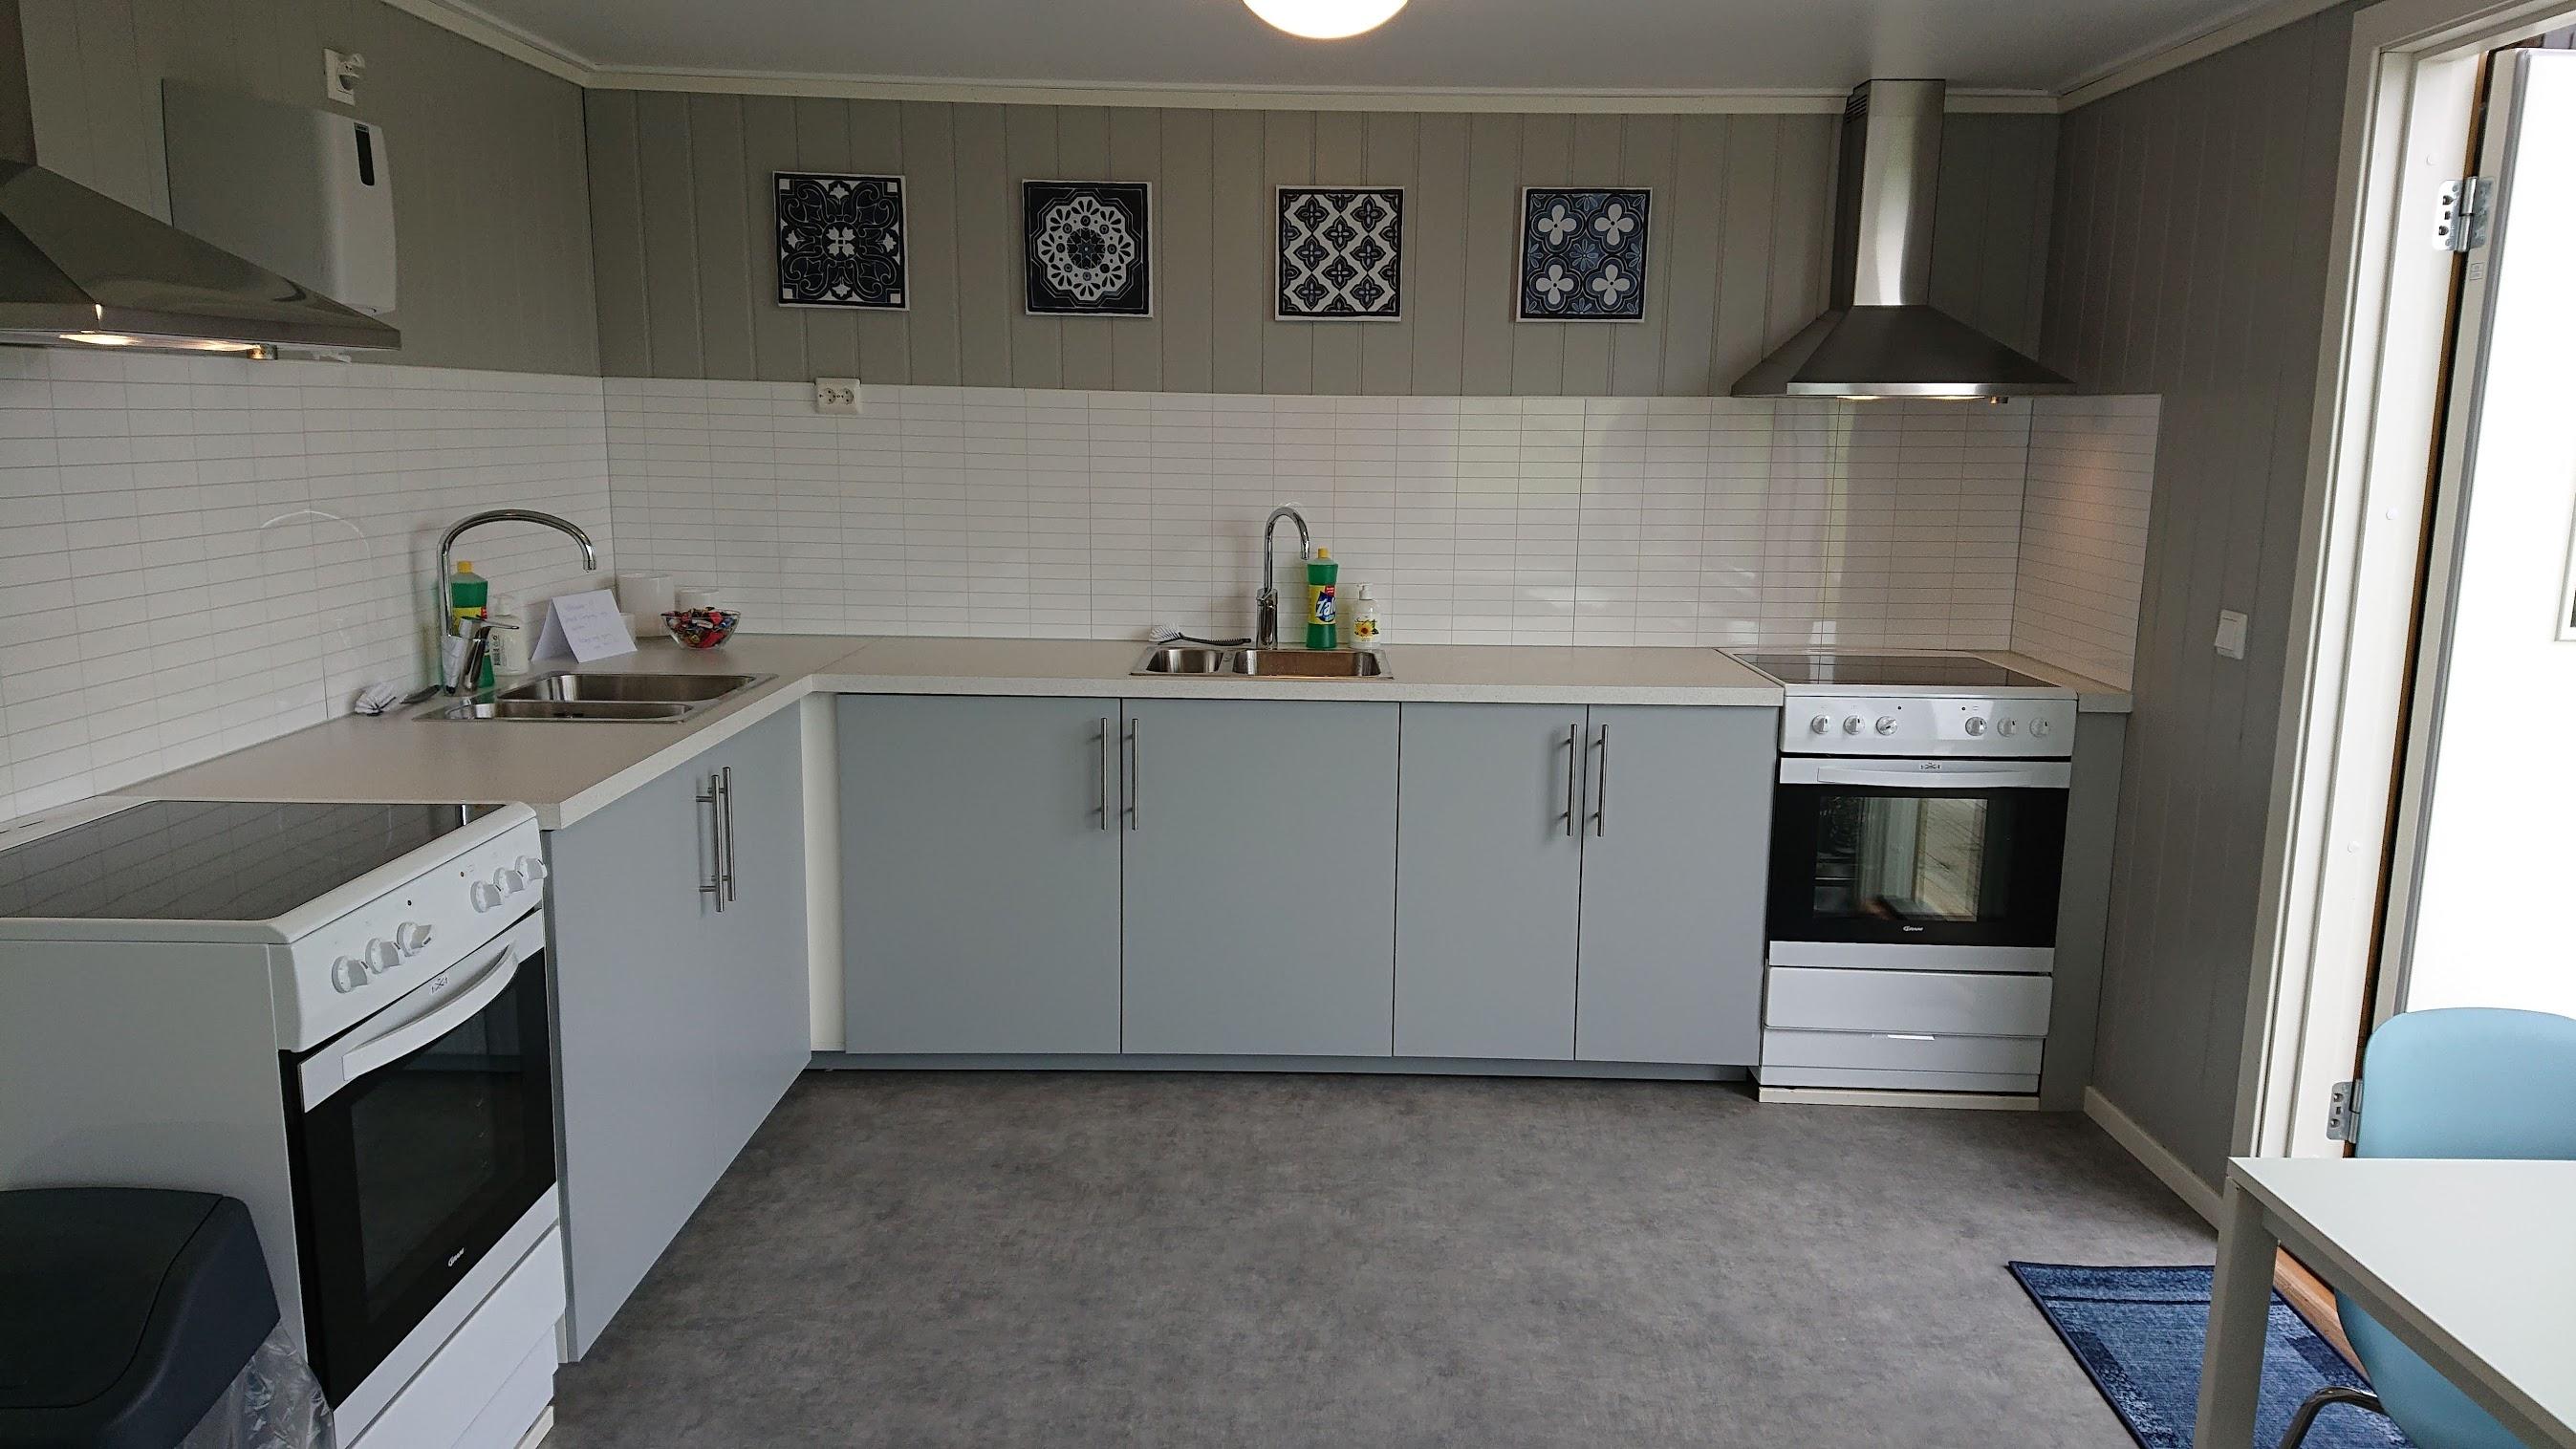 Kjøkken  kitchen